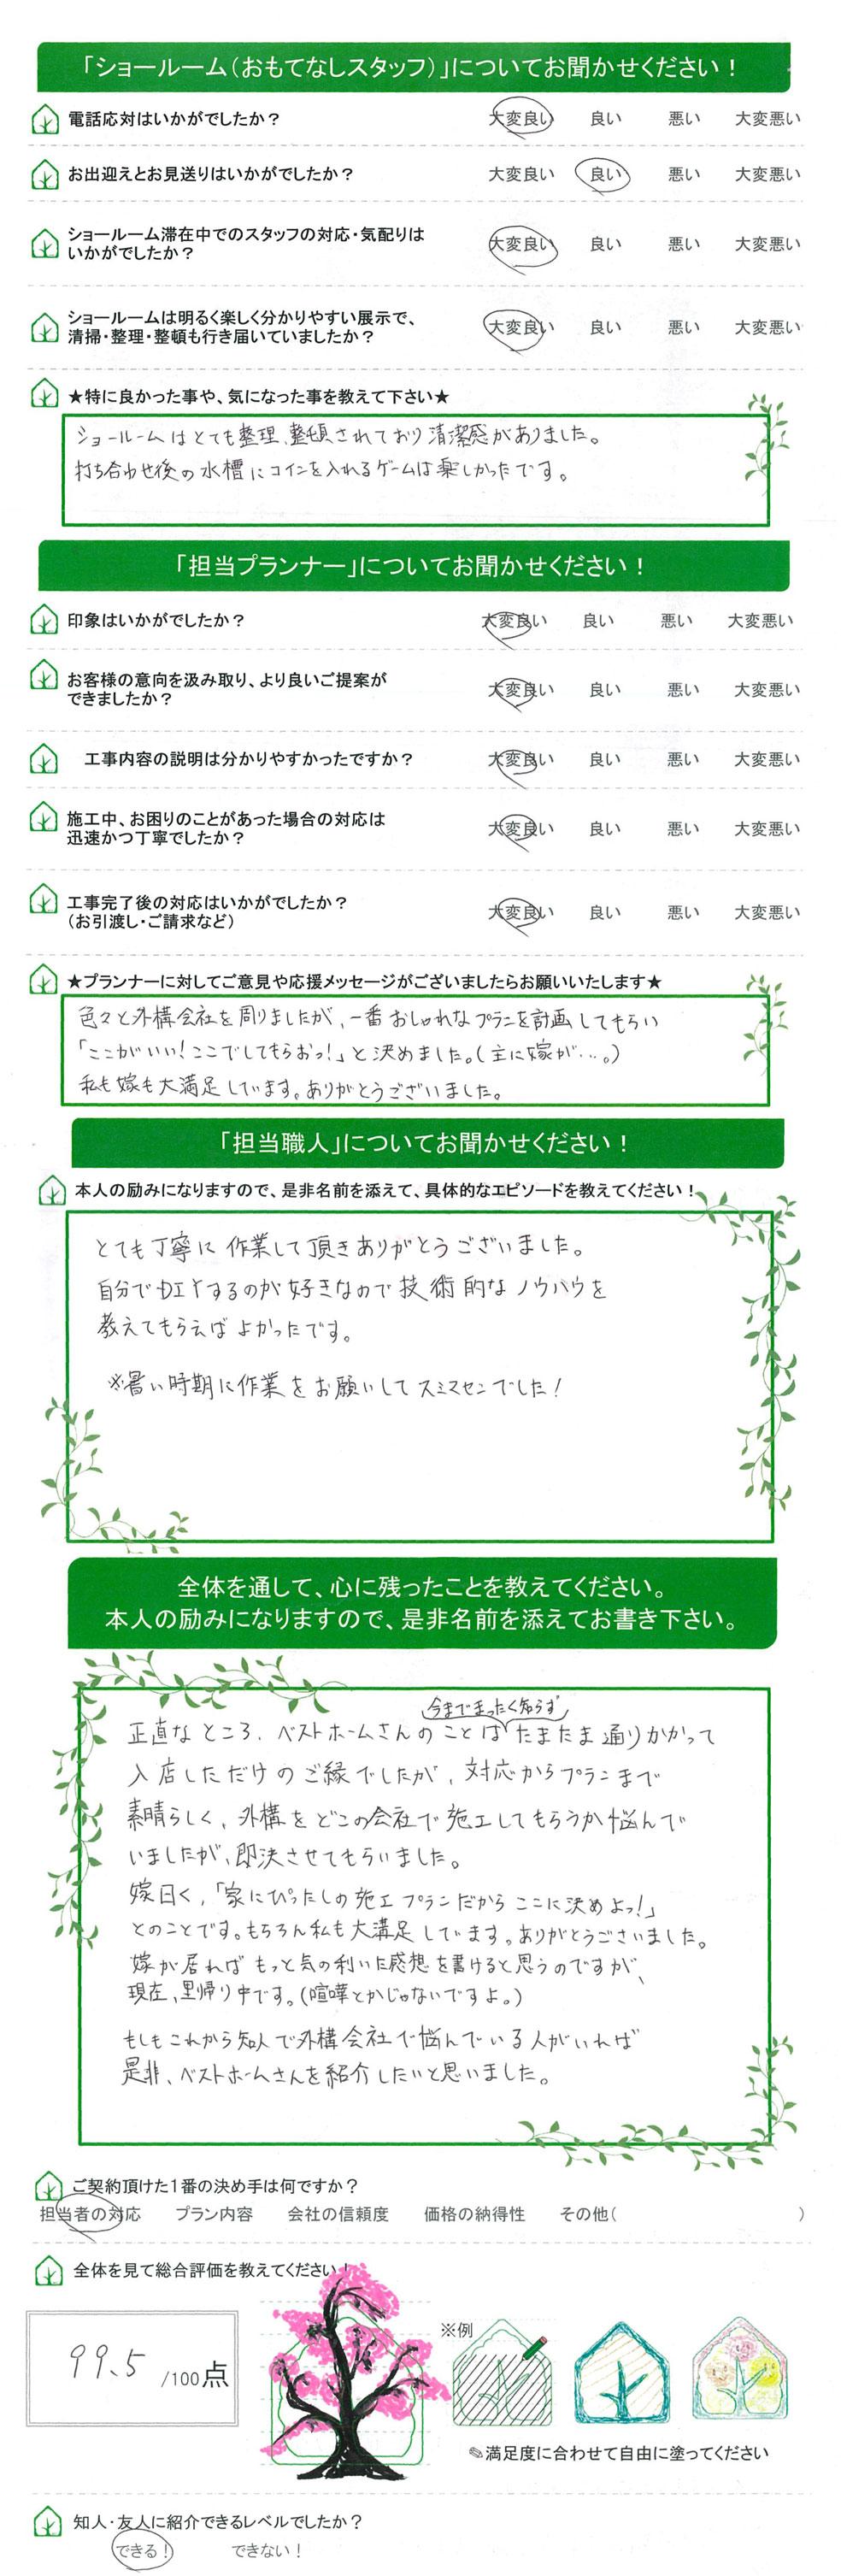 対応からプランまで素晴らしく、悩んでいましたが即決させてもらいました。 岡山県倉敷市 K様